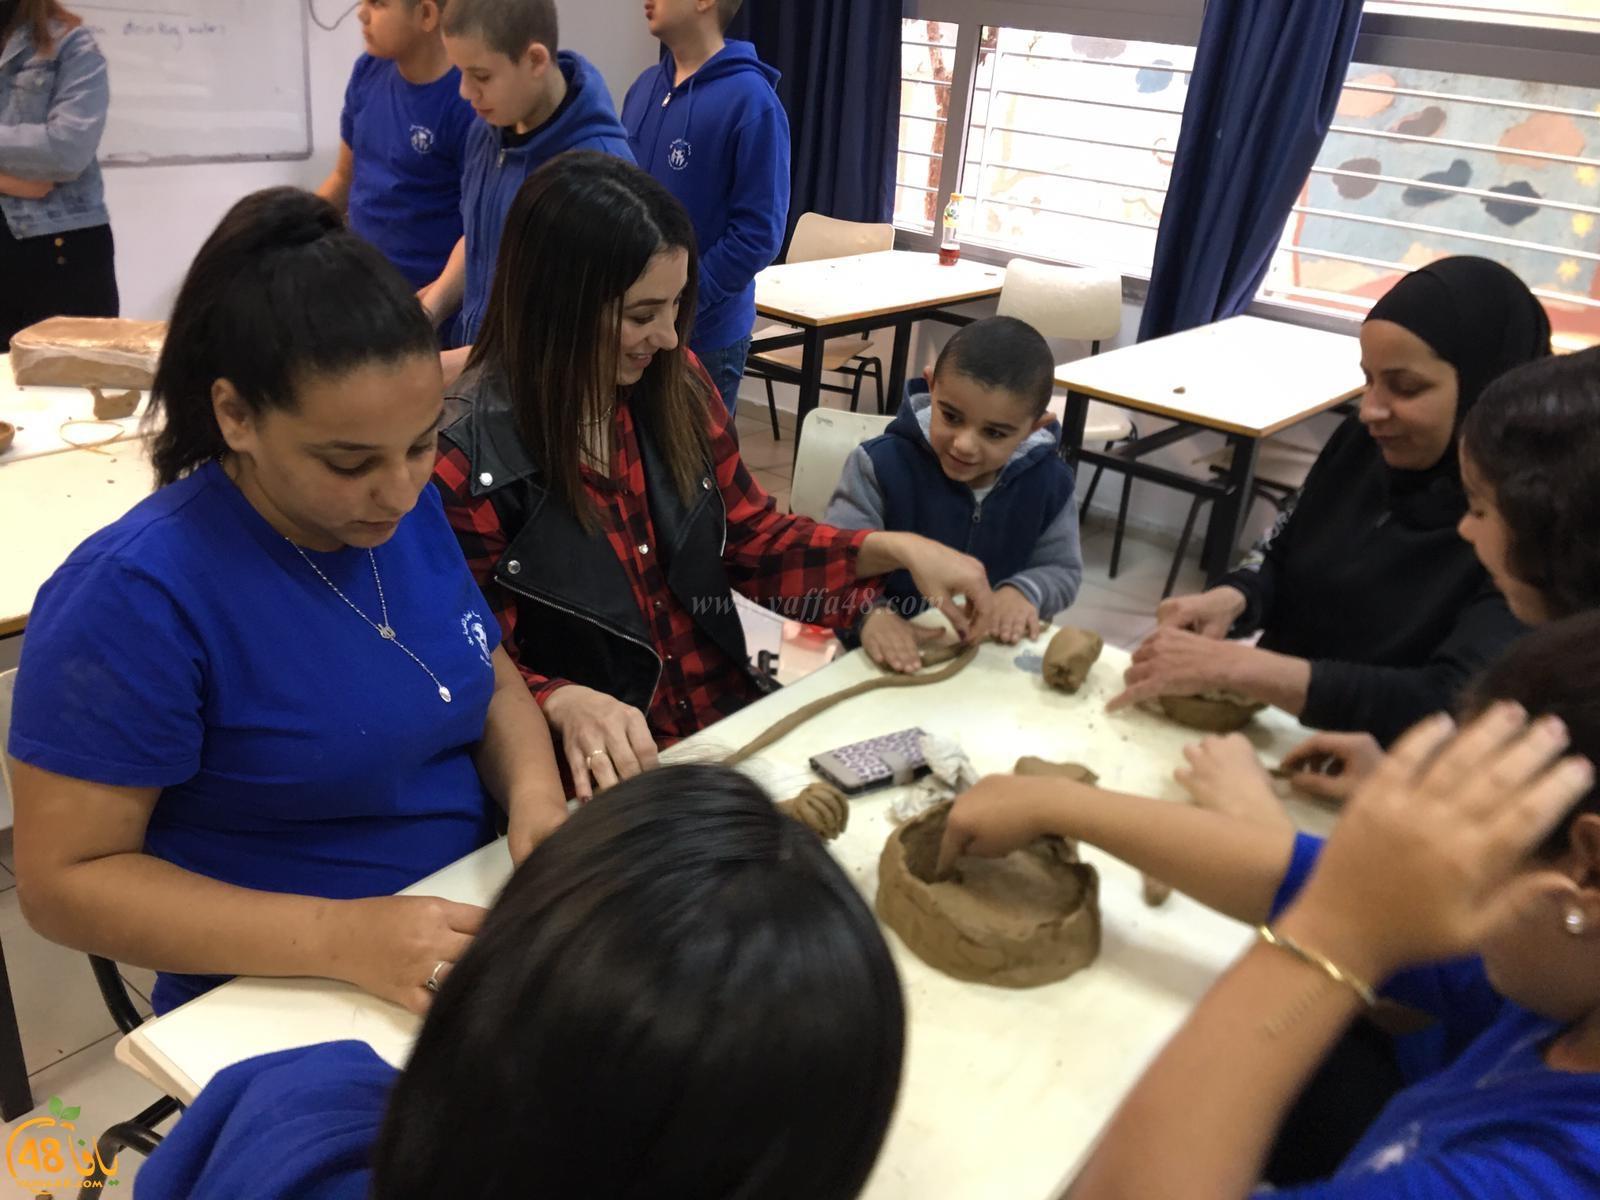 لجنة أولياء أمور مدرسة أجيال تنظّم فعاليّات للأهل والطلّاب